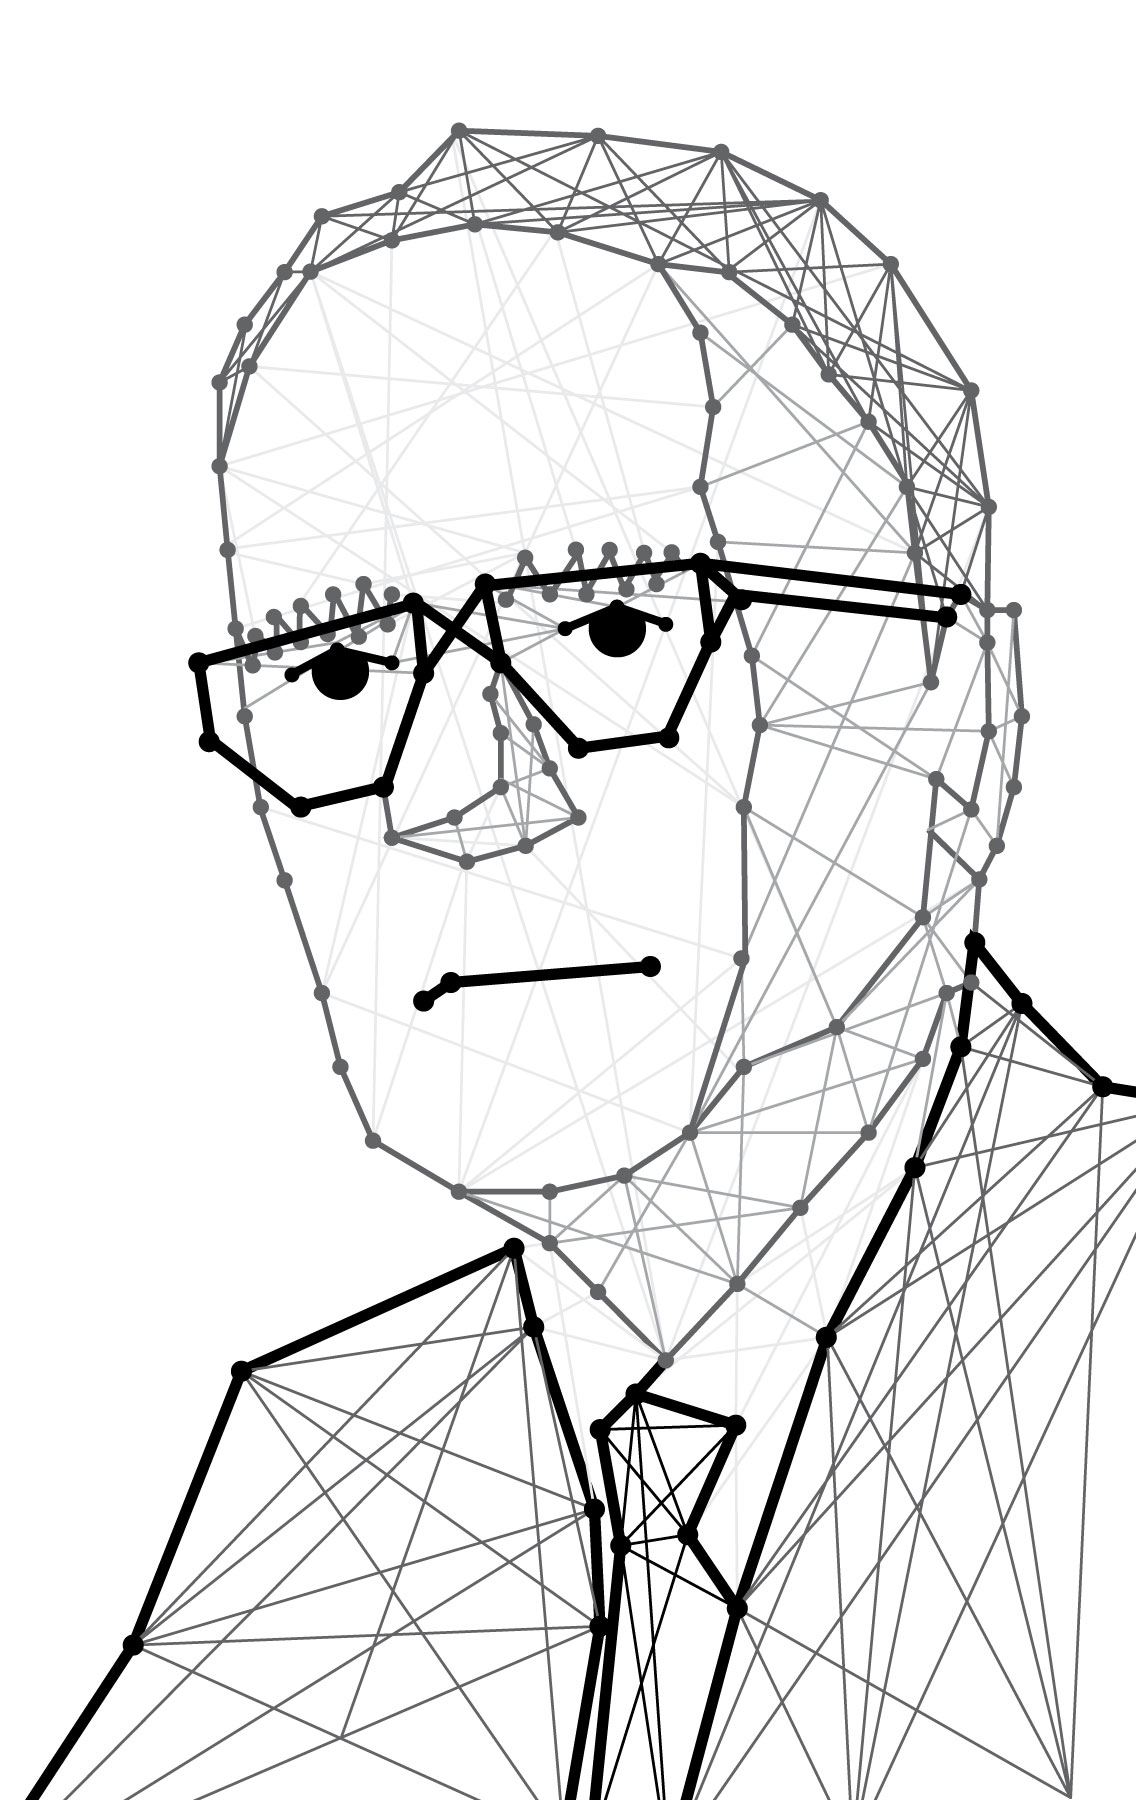 Donald Hebb illustration